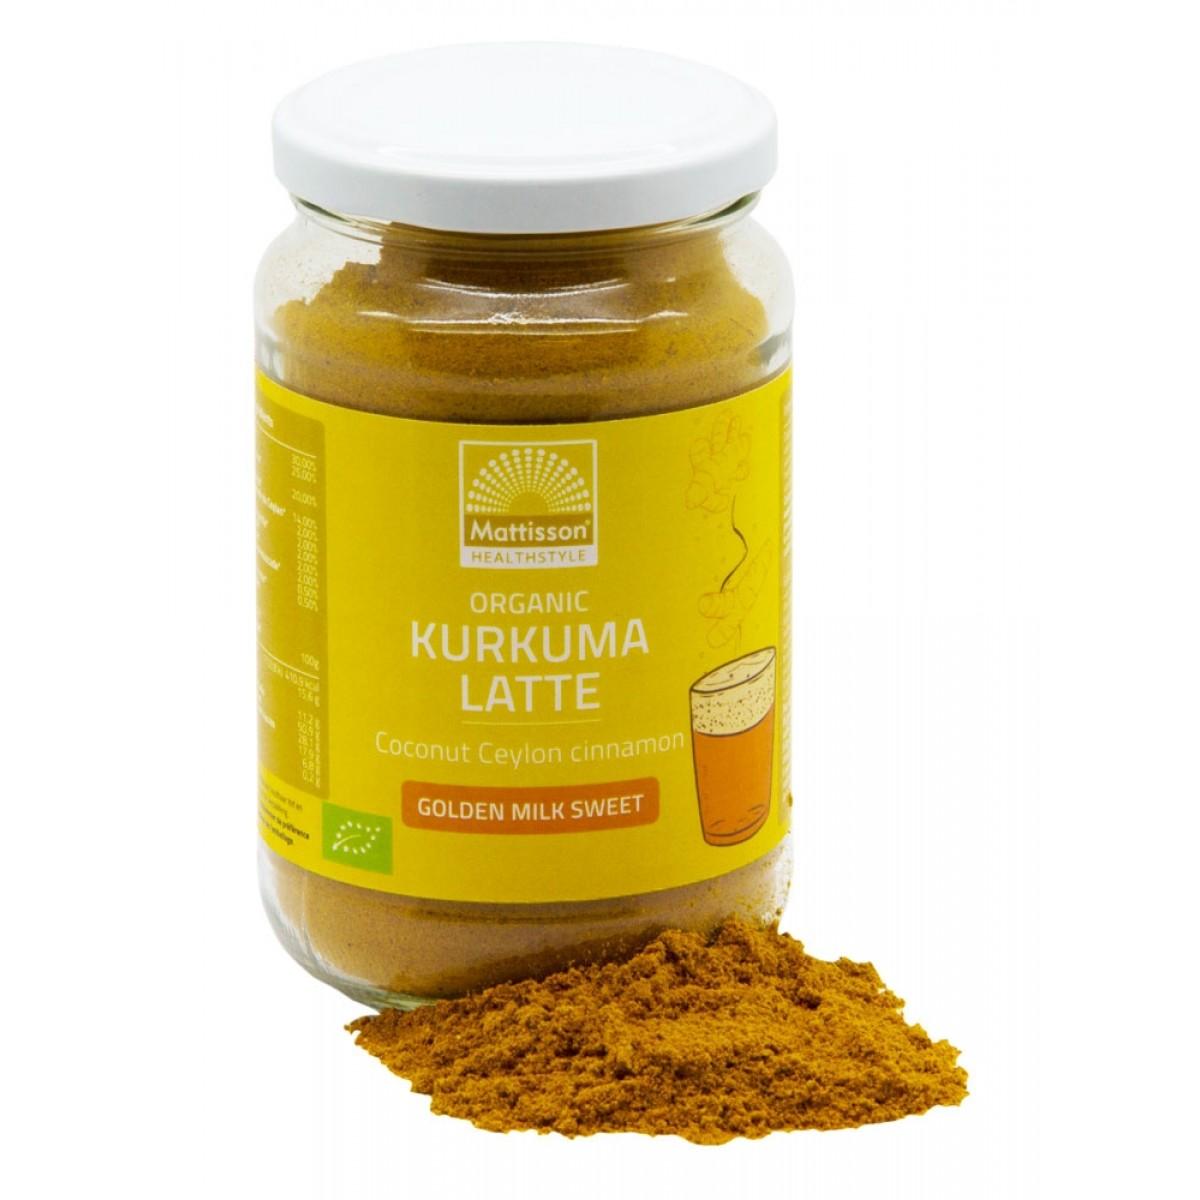 Kurkuma Latte Goldenmilk Gezoet Ceylon Kaneel - Kokos